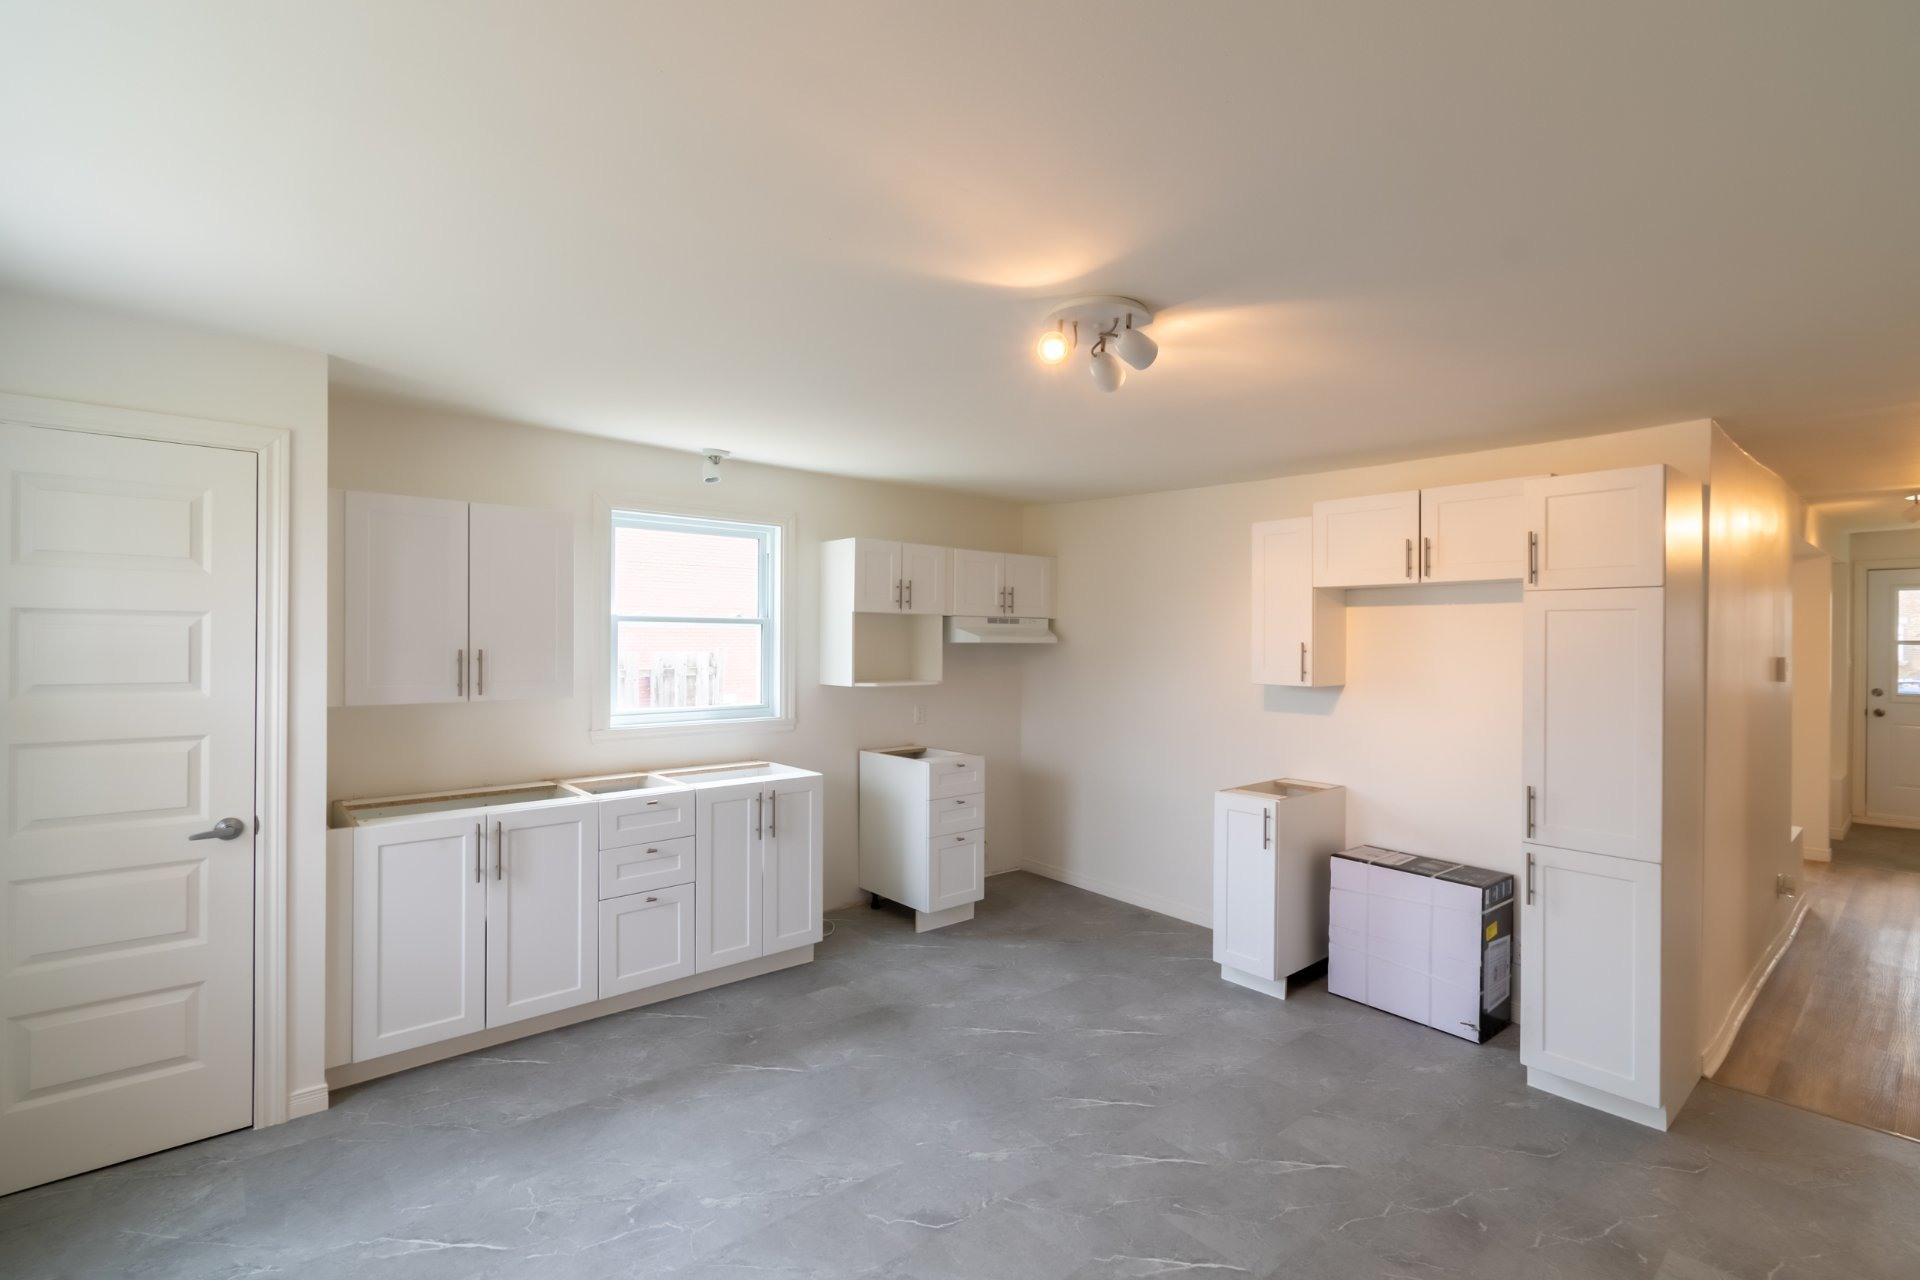 image 7 - Duplex For sale Trois-Rivières - 5 rooms